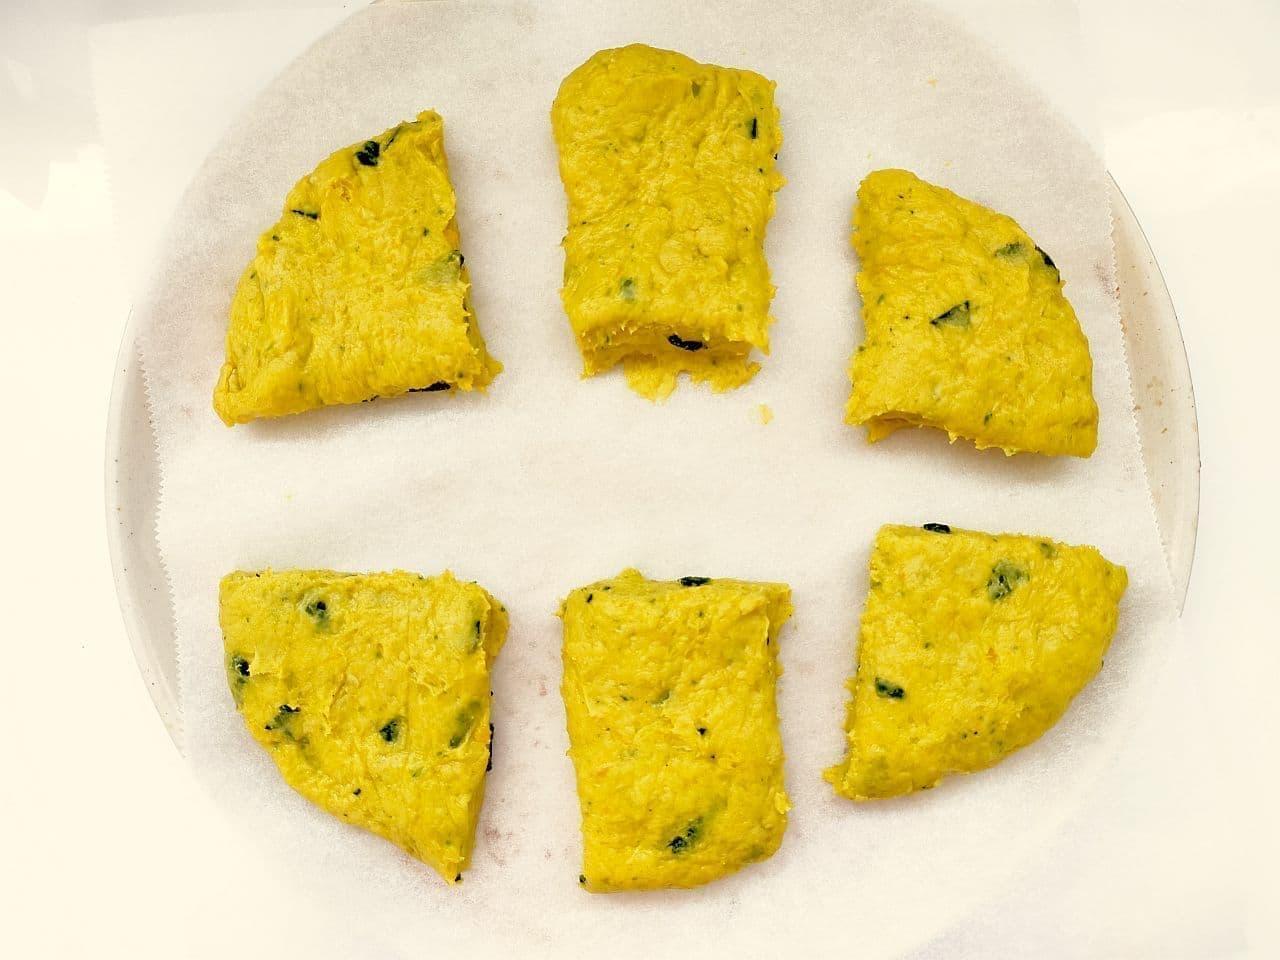 ホットケーキミックスで作る「かぼちゃスコーン」簡単レシピ